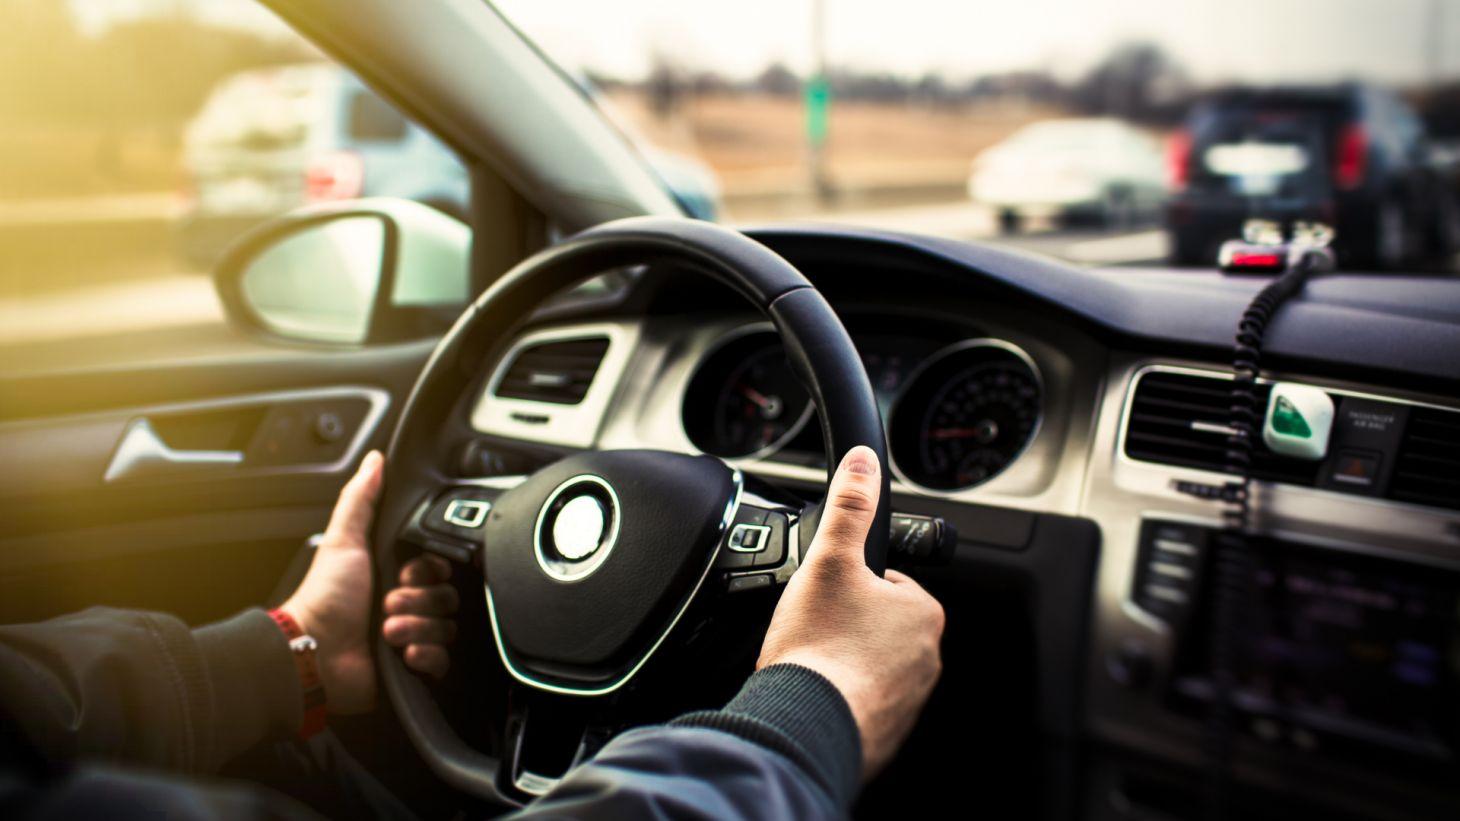 maos motorista volante painel carro transito dirigir